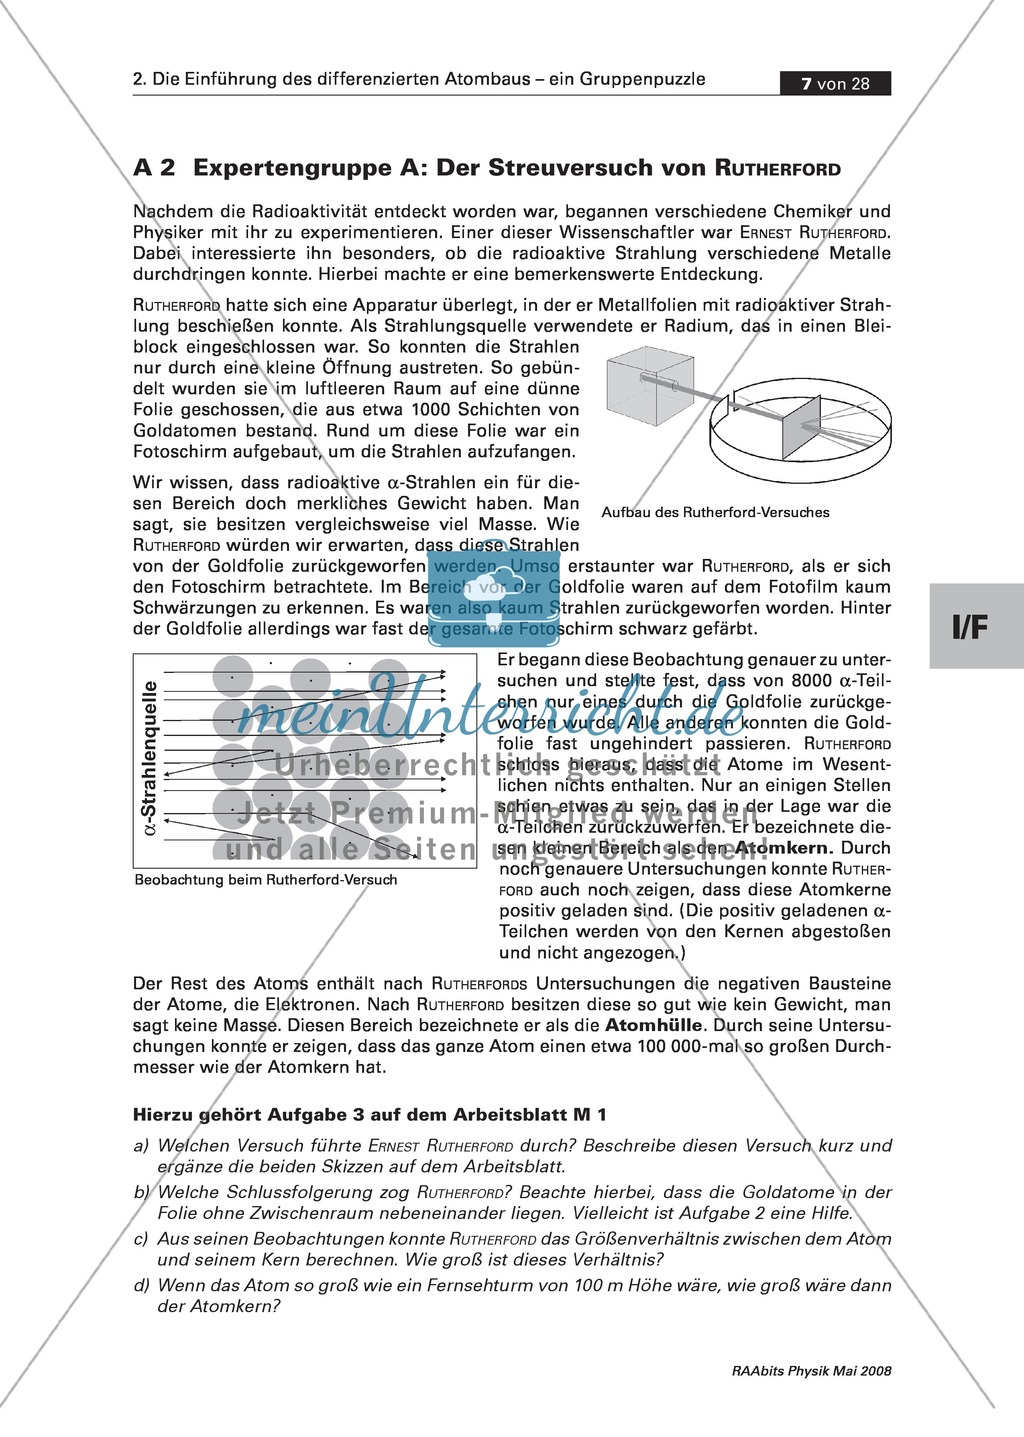 Fantastisch Einführung In Die Atome Arbeitsblatt Fotos ...